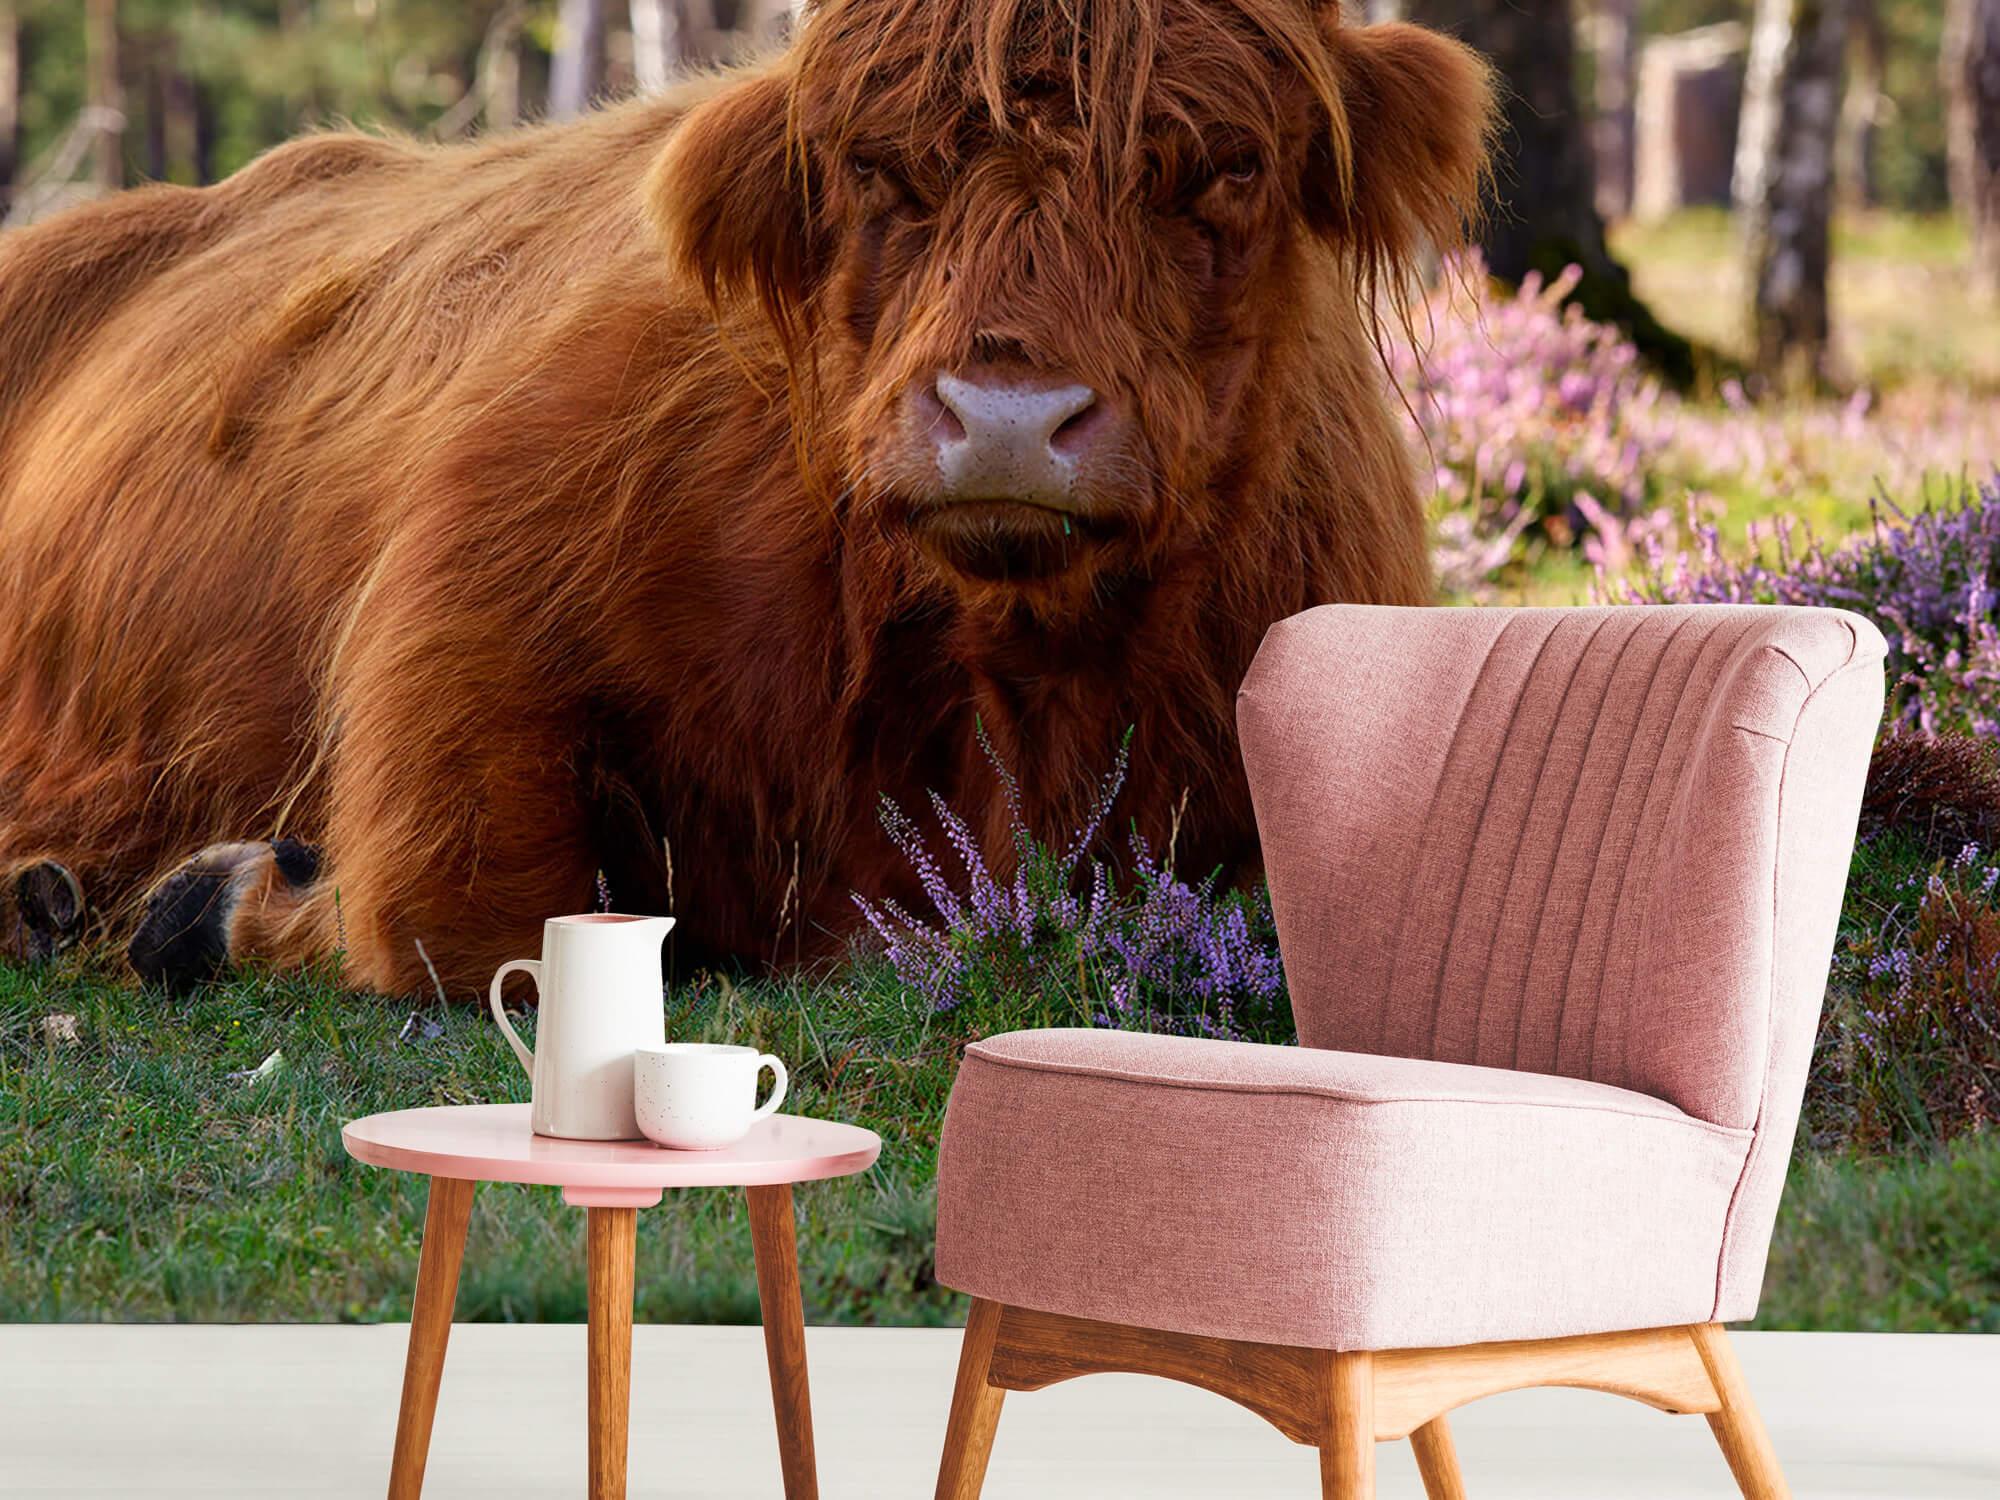 Hooglanders - Liggende Schotse hooglander 8